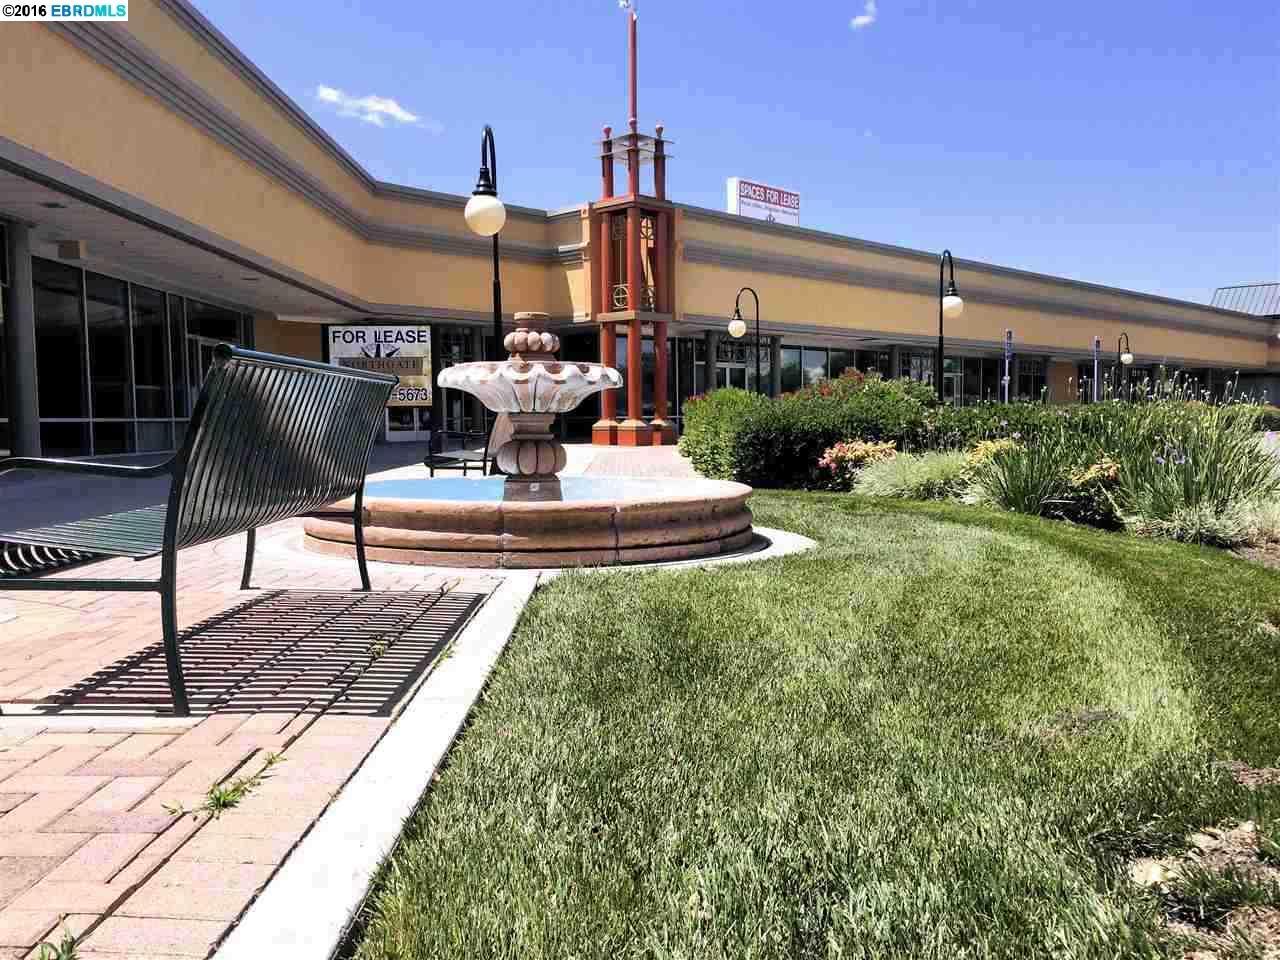 一戸建て のために 賃貸 アット 1005 E Pescadero suite 215 1005 E Pescadero suite 215 Tracy, カリフォルニア 95304 アメリカ合衆国